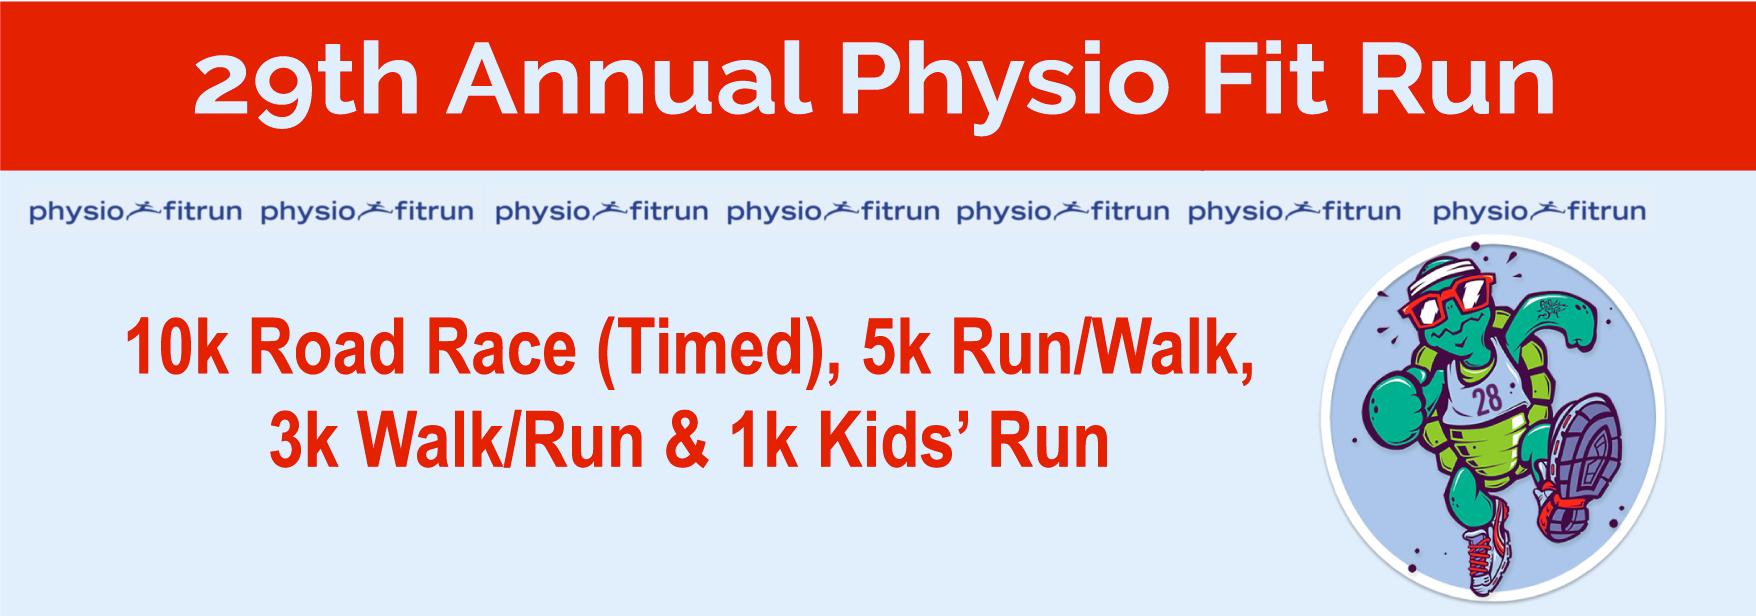 manitoba-runners-physio